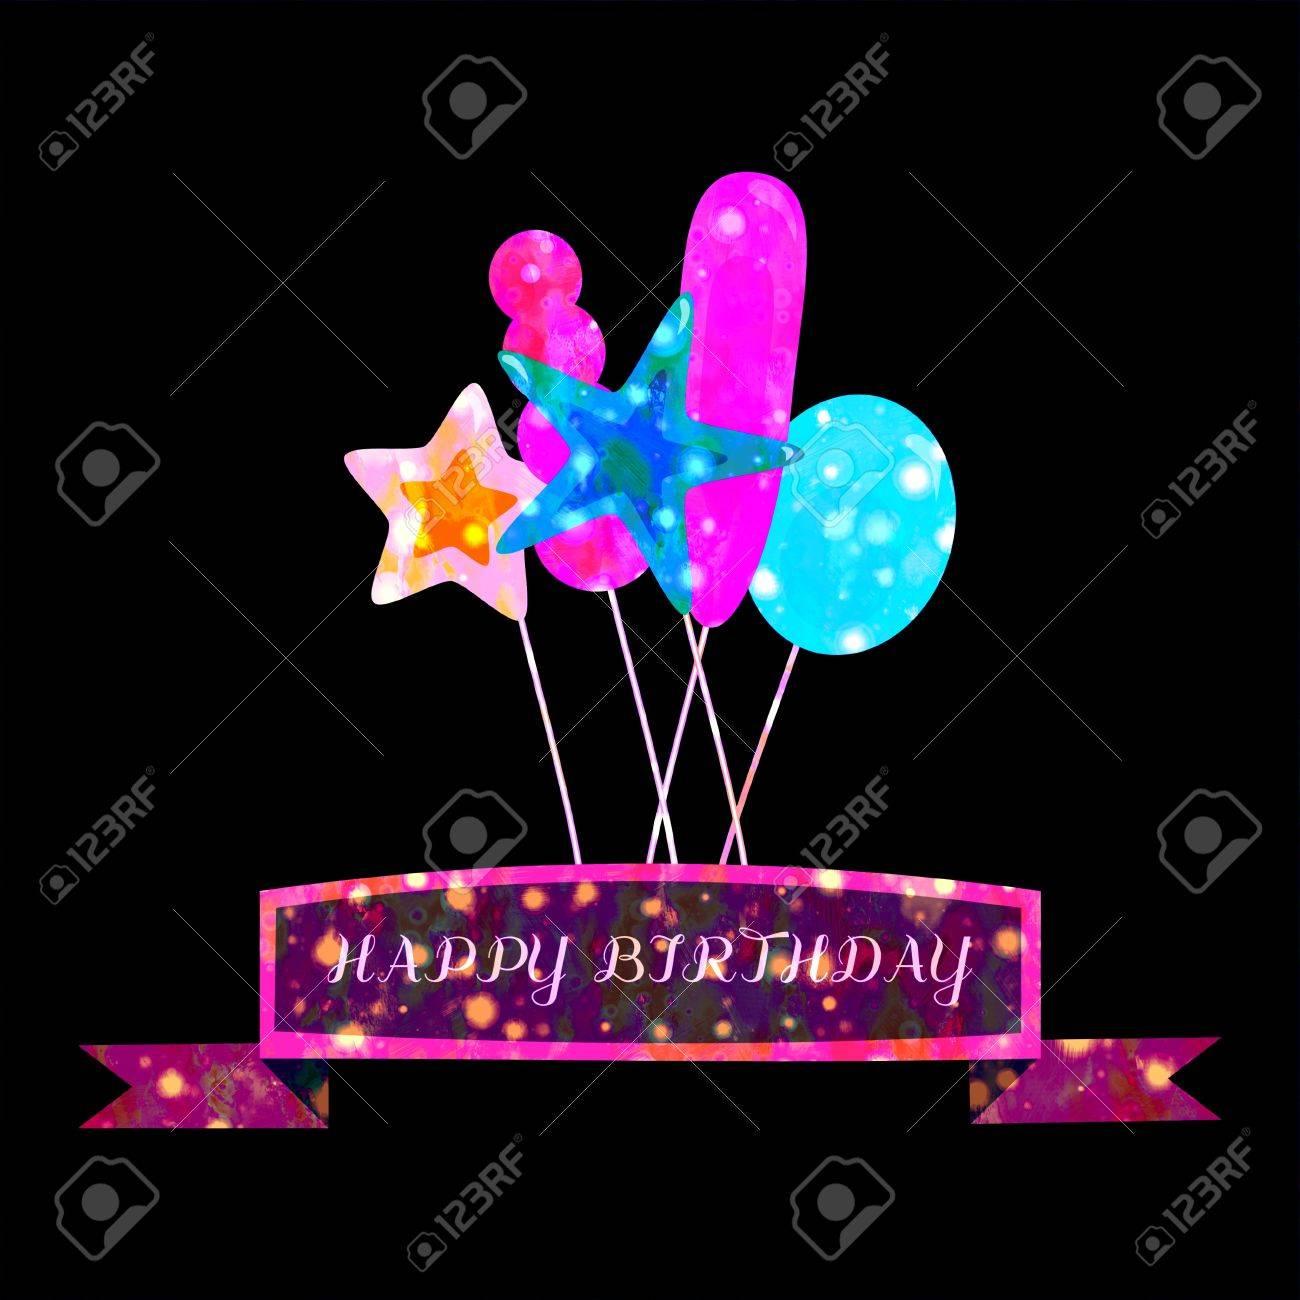 Carte D Anniversaire Foncee Sombre Avec De Petits Points Lumineux Lumieres Disco Sur Les Ballons D Air De La Fete Et Le Ruban Avec Le Texte Joyeux Anniversaire Sur Fond Noir Banque D Images